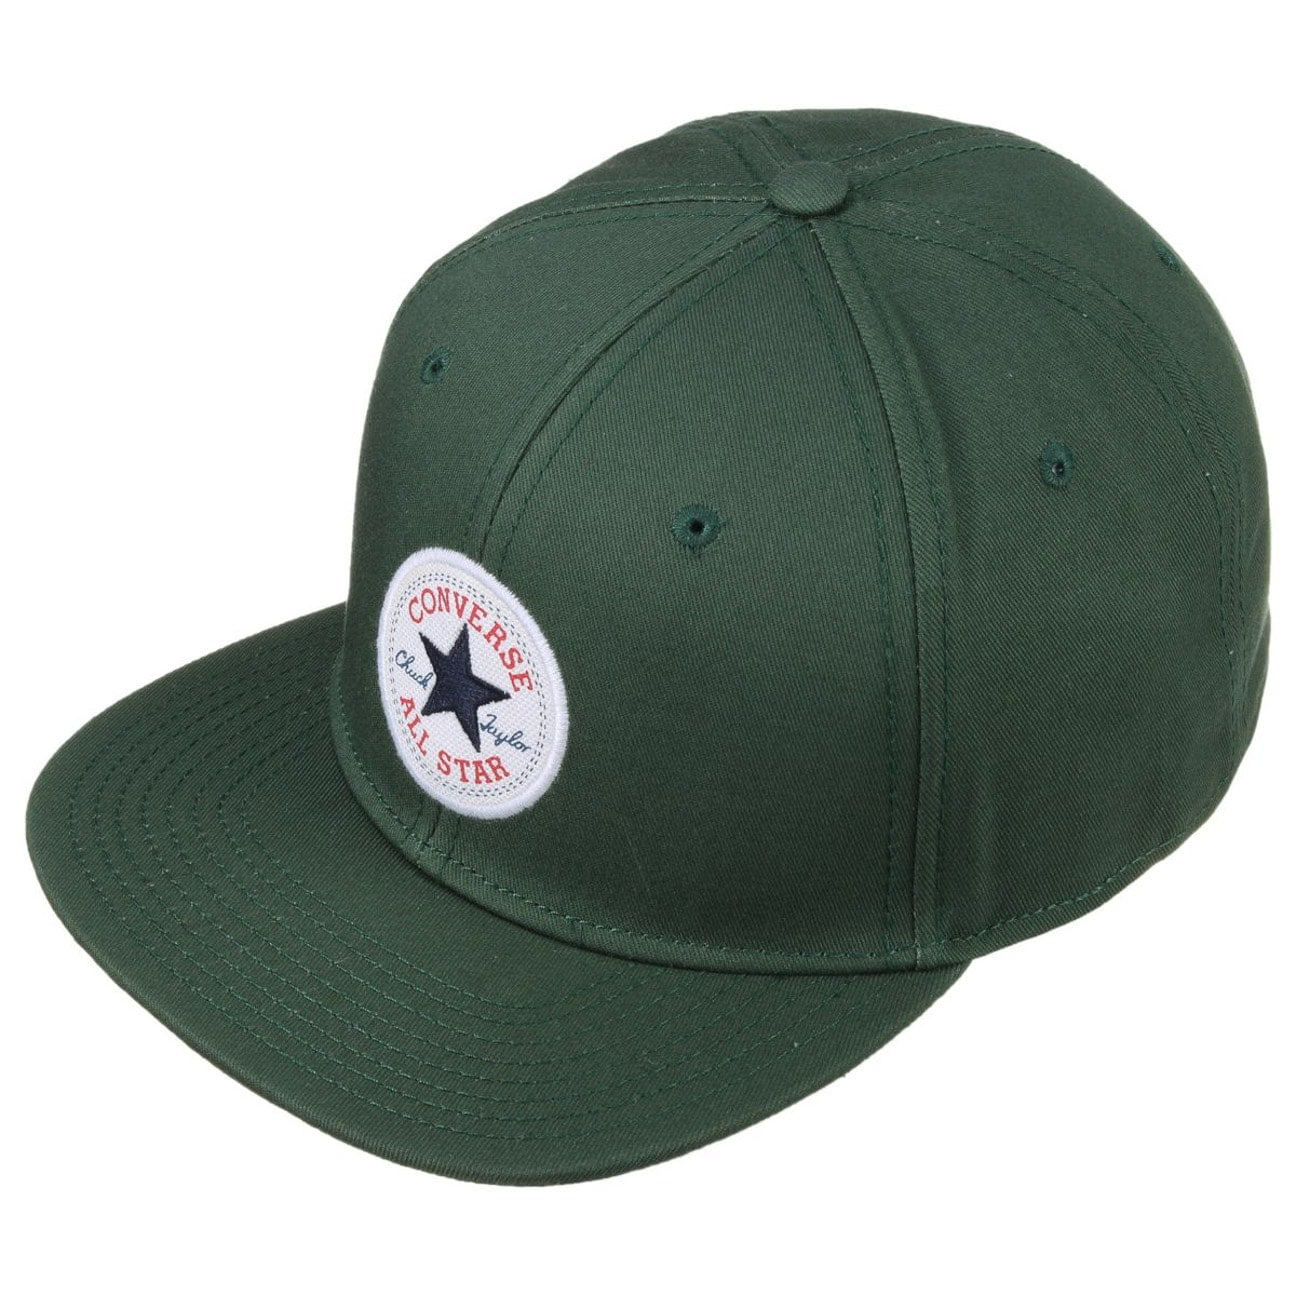 ... Core Twill Snapback Cap by Converse - dark green 2 ... e6c6a2e1883